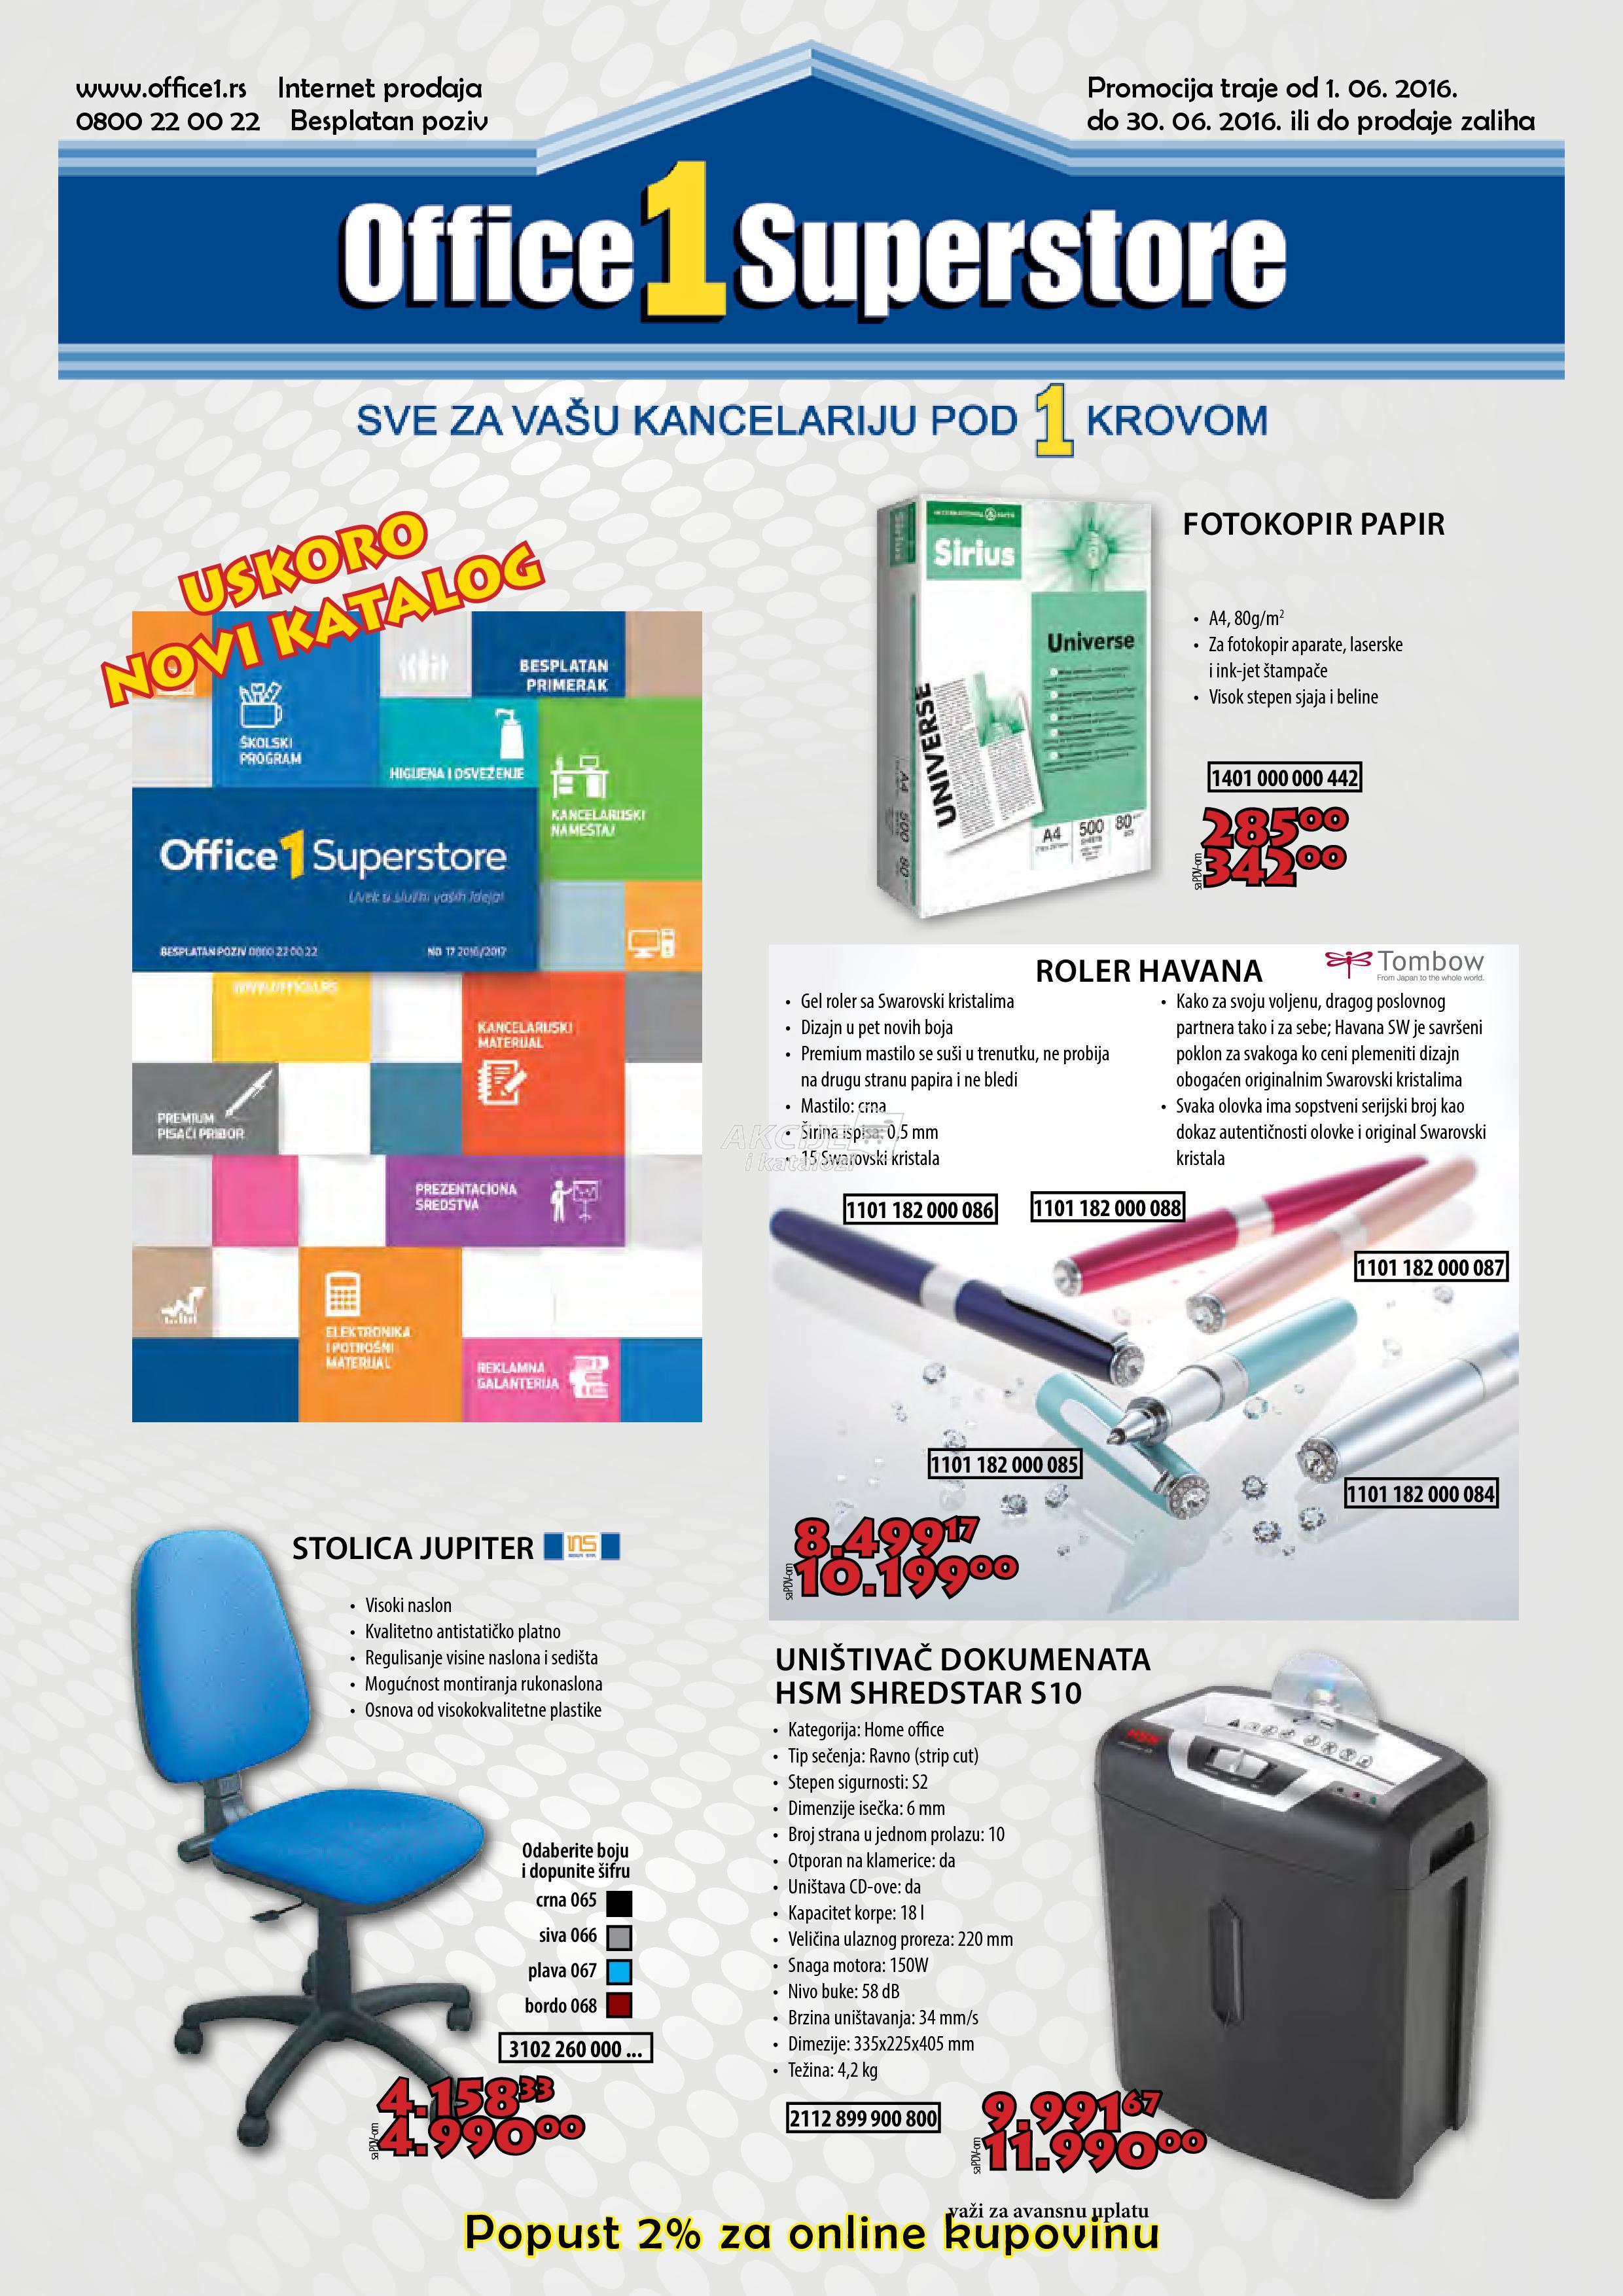 Office1Superstore akcija odličnih cena